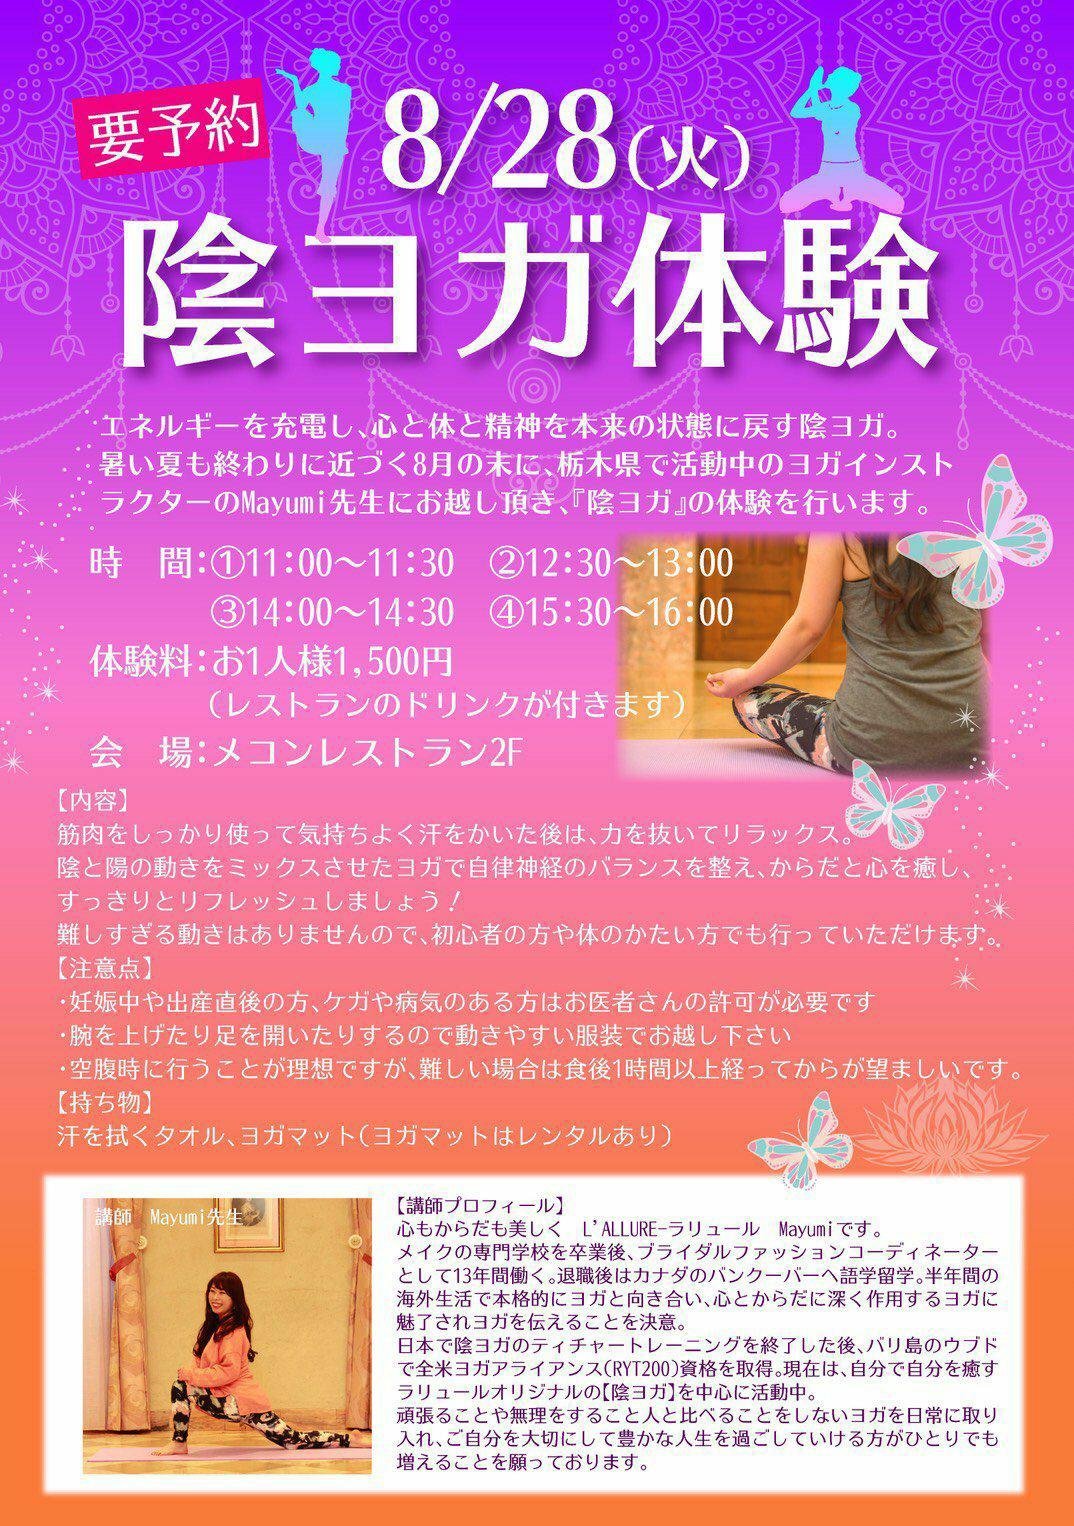 8/28(火)アジアンオールドバザール那須様でヨガイベントを開催します!